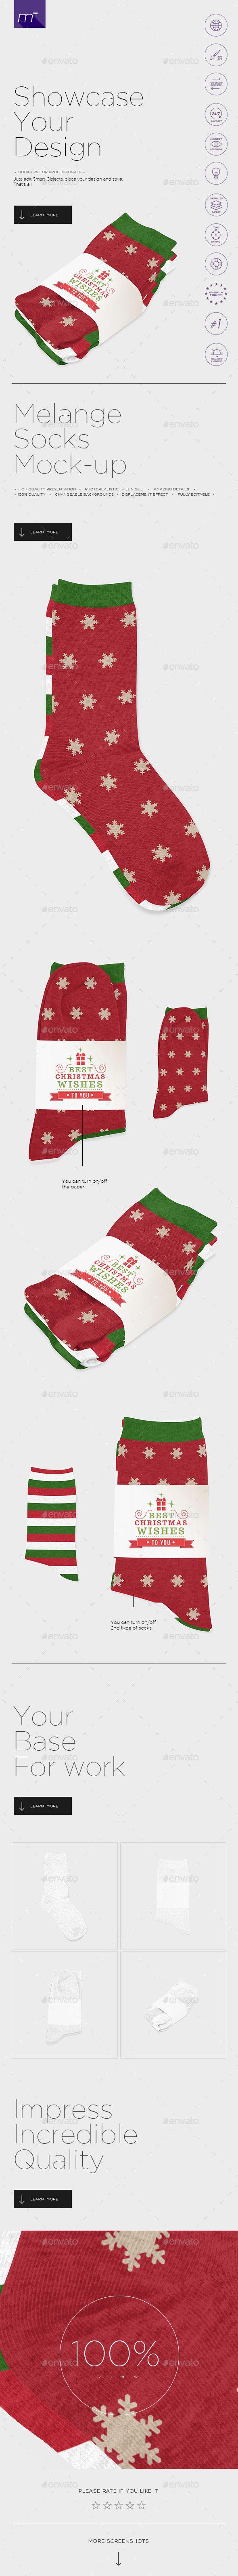 Download Melange Socks Mock Up Mockup Design Mockup Photoshop Clothing Mockup